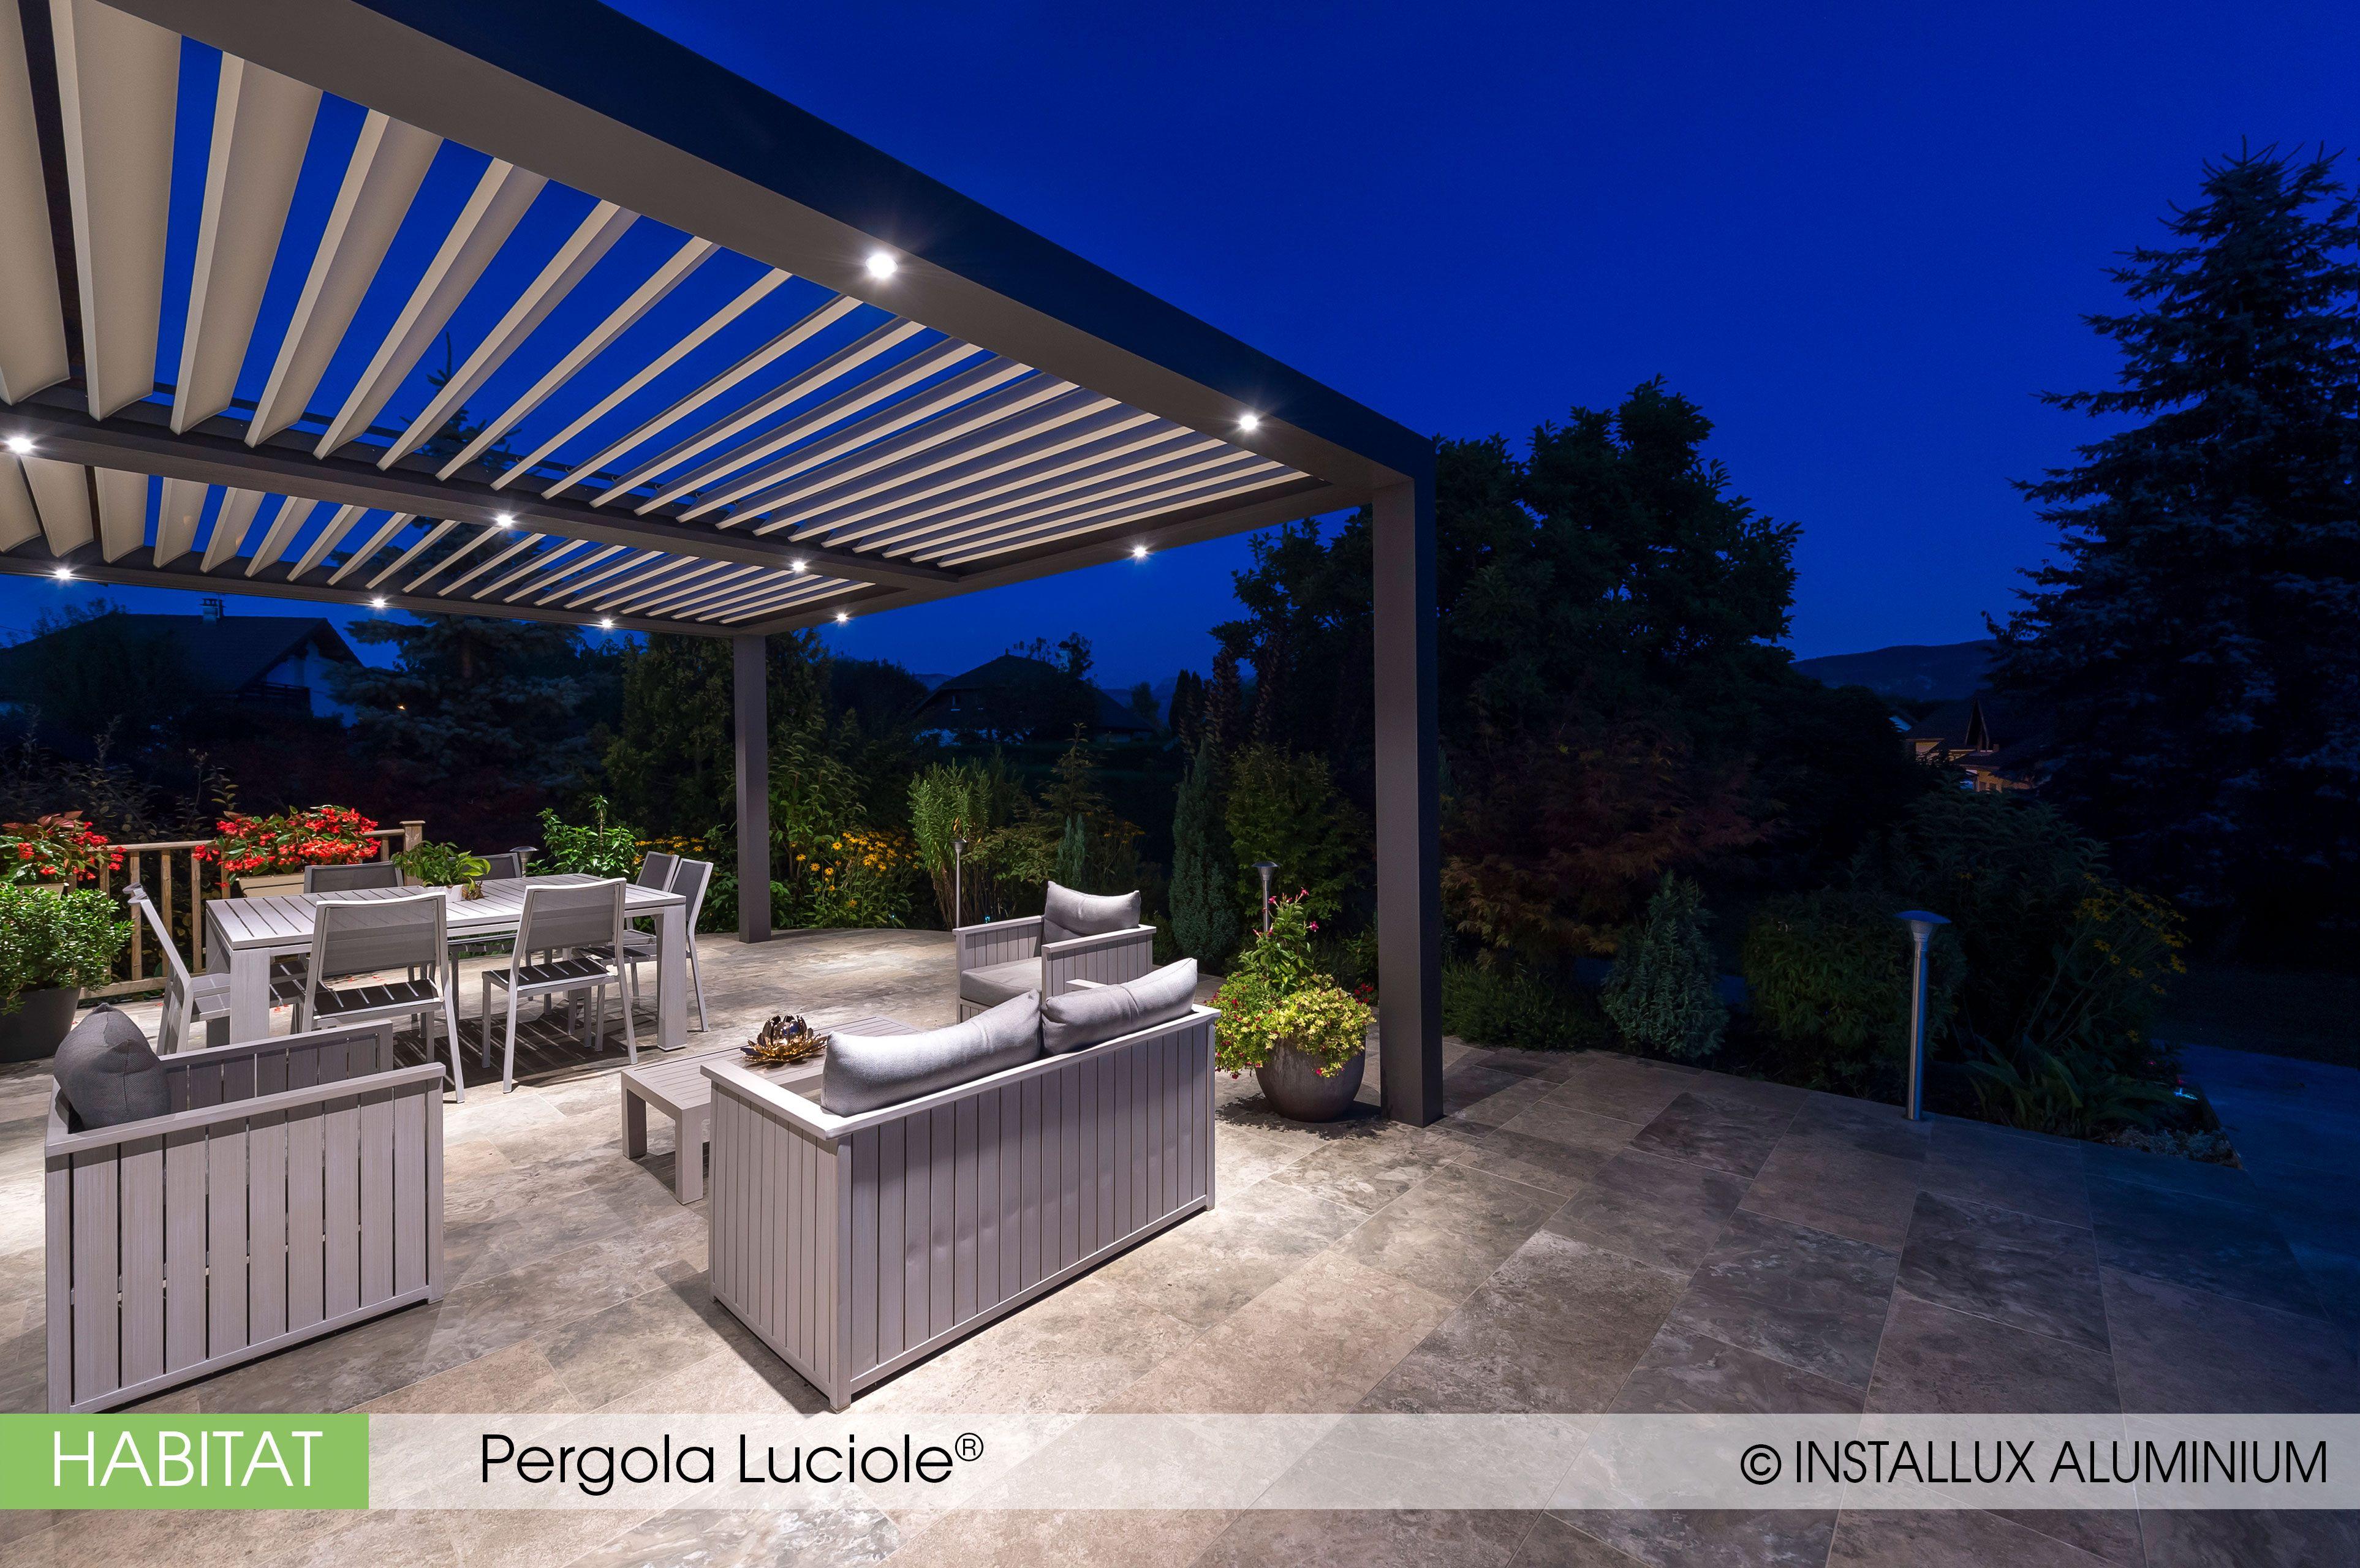 En Soiree L Eclairage Integre Vous Permet De Profitez De Votre Terrasse Plus Longtemps Maison Bioclimatique Pergola Bioclimatique